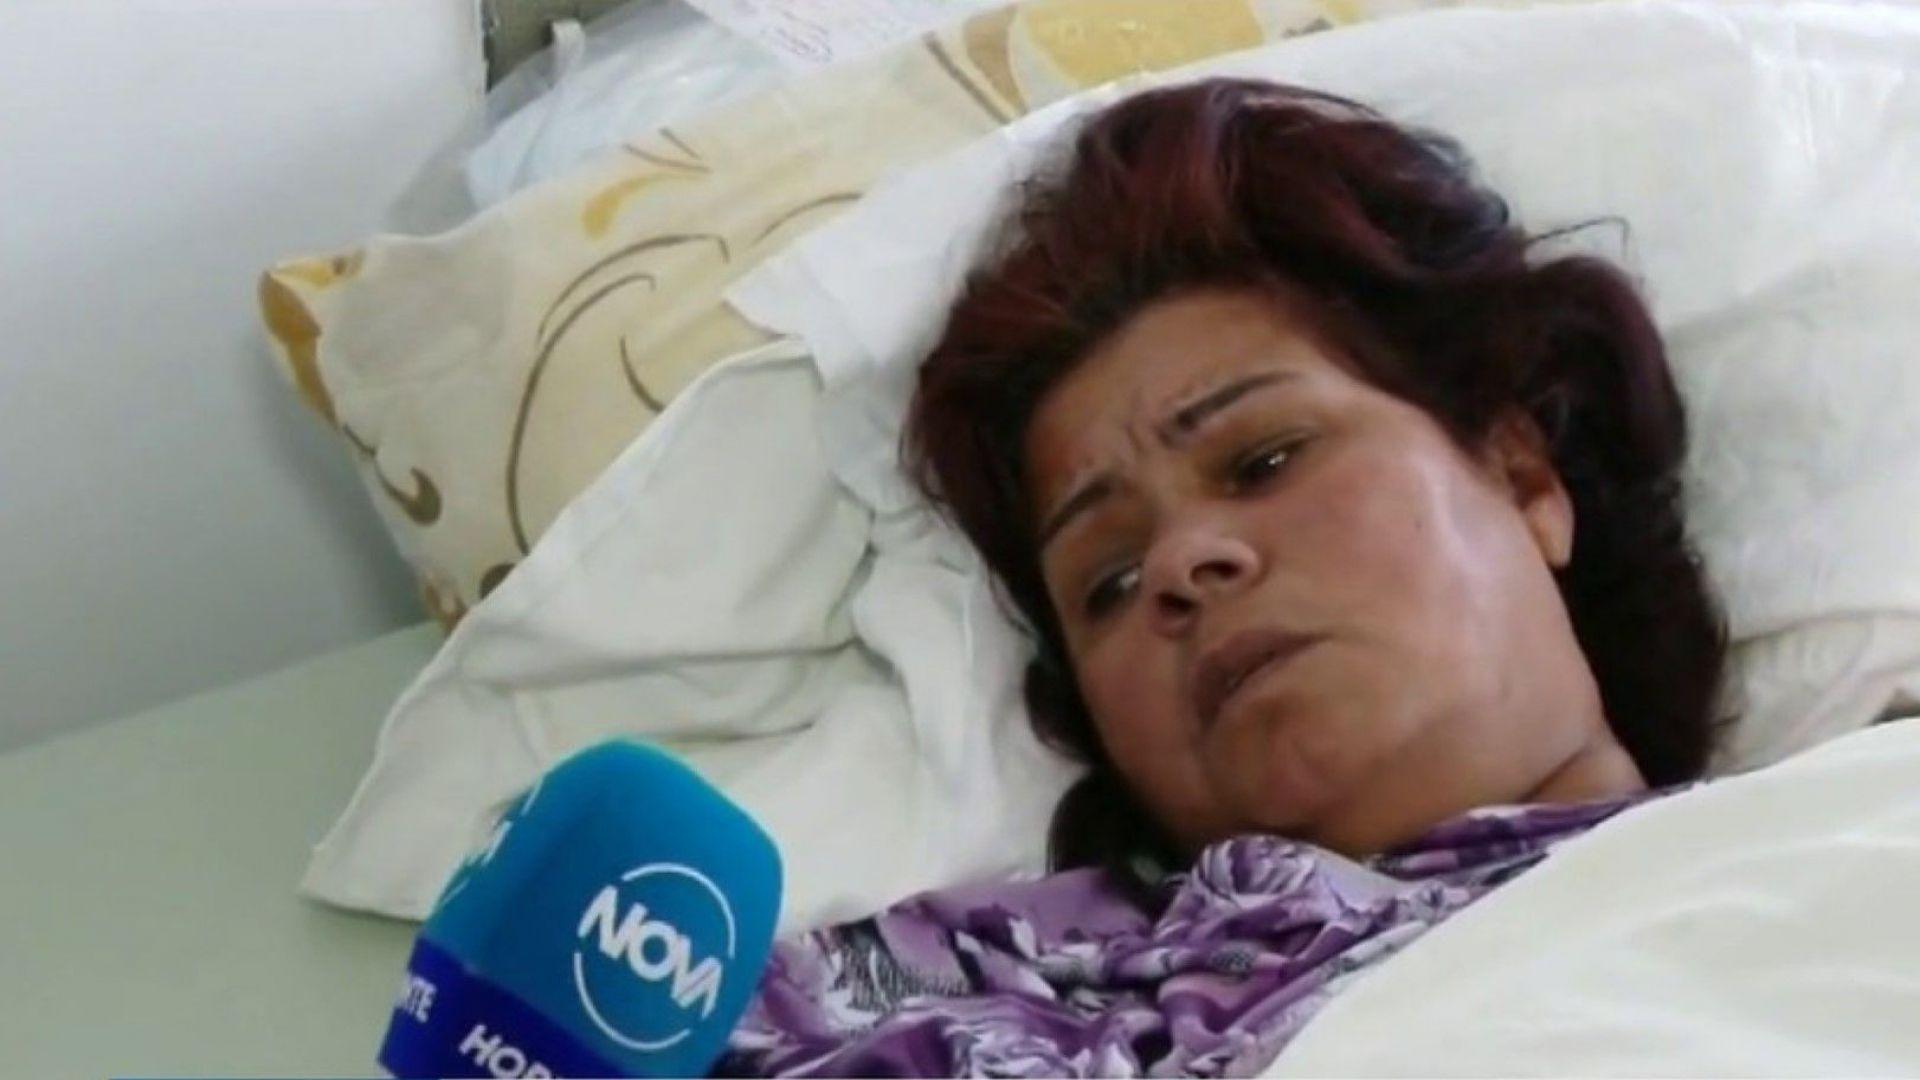 Говори най-сериозно ранената при пропадането на асансьор в болница